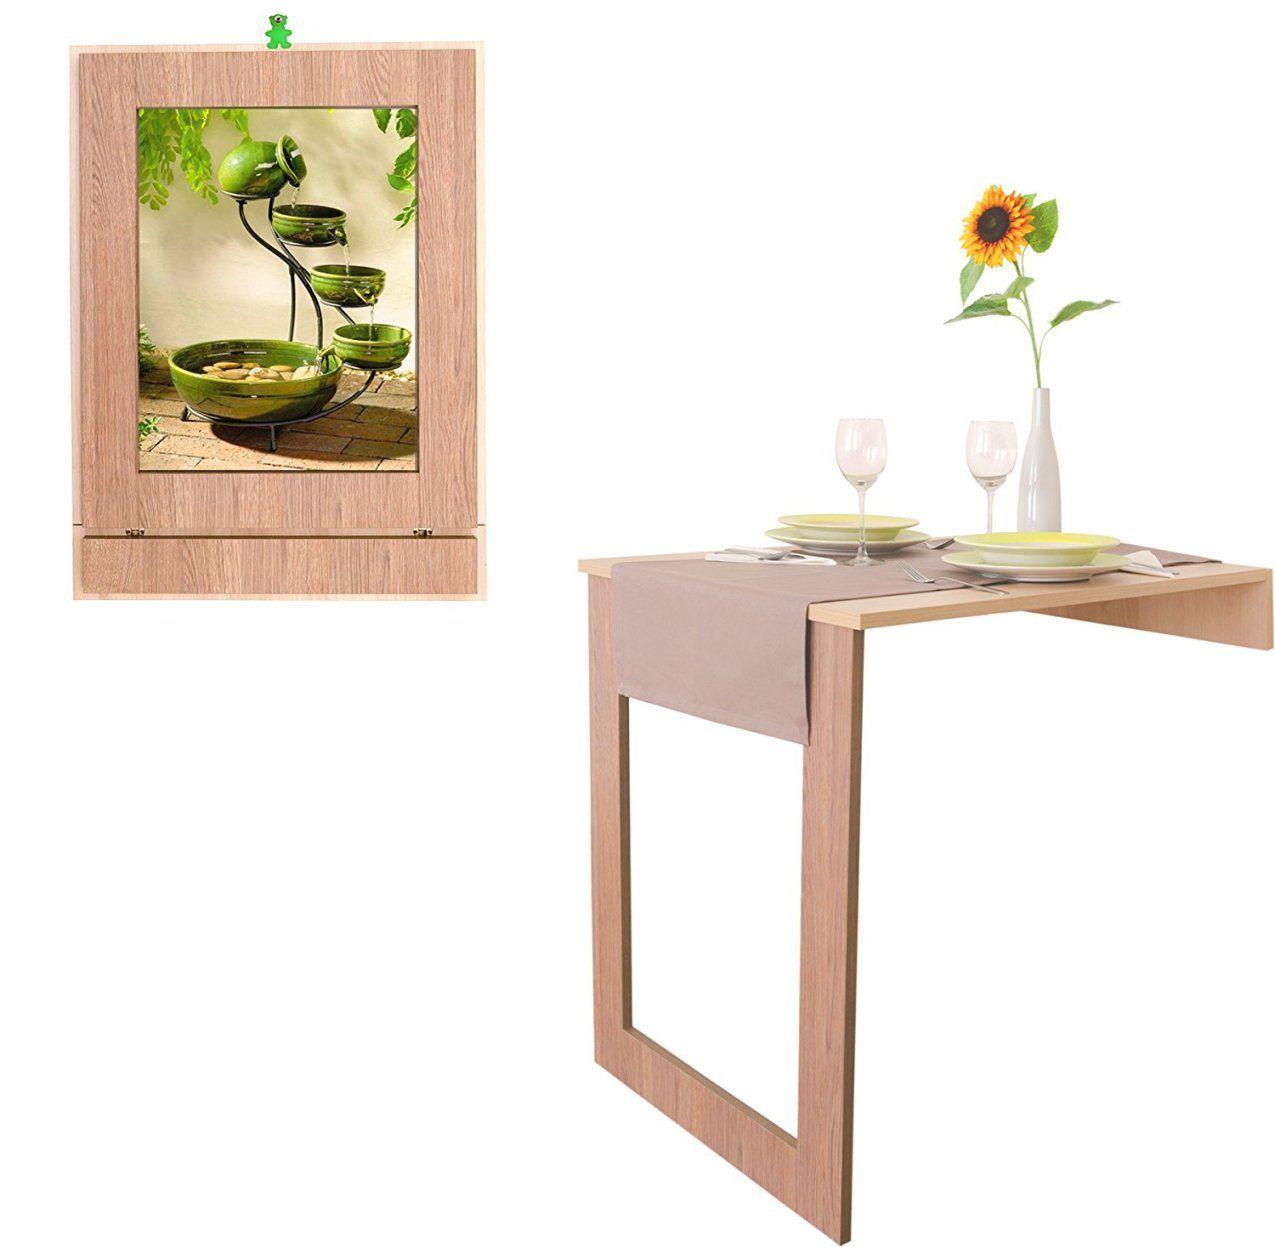 Lera Eleganter Klapptisch Karina Wandtisch Küchentisch Avec Esstisch von Klapptisch Für Die Wand Photo